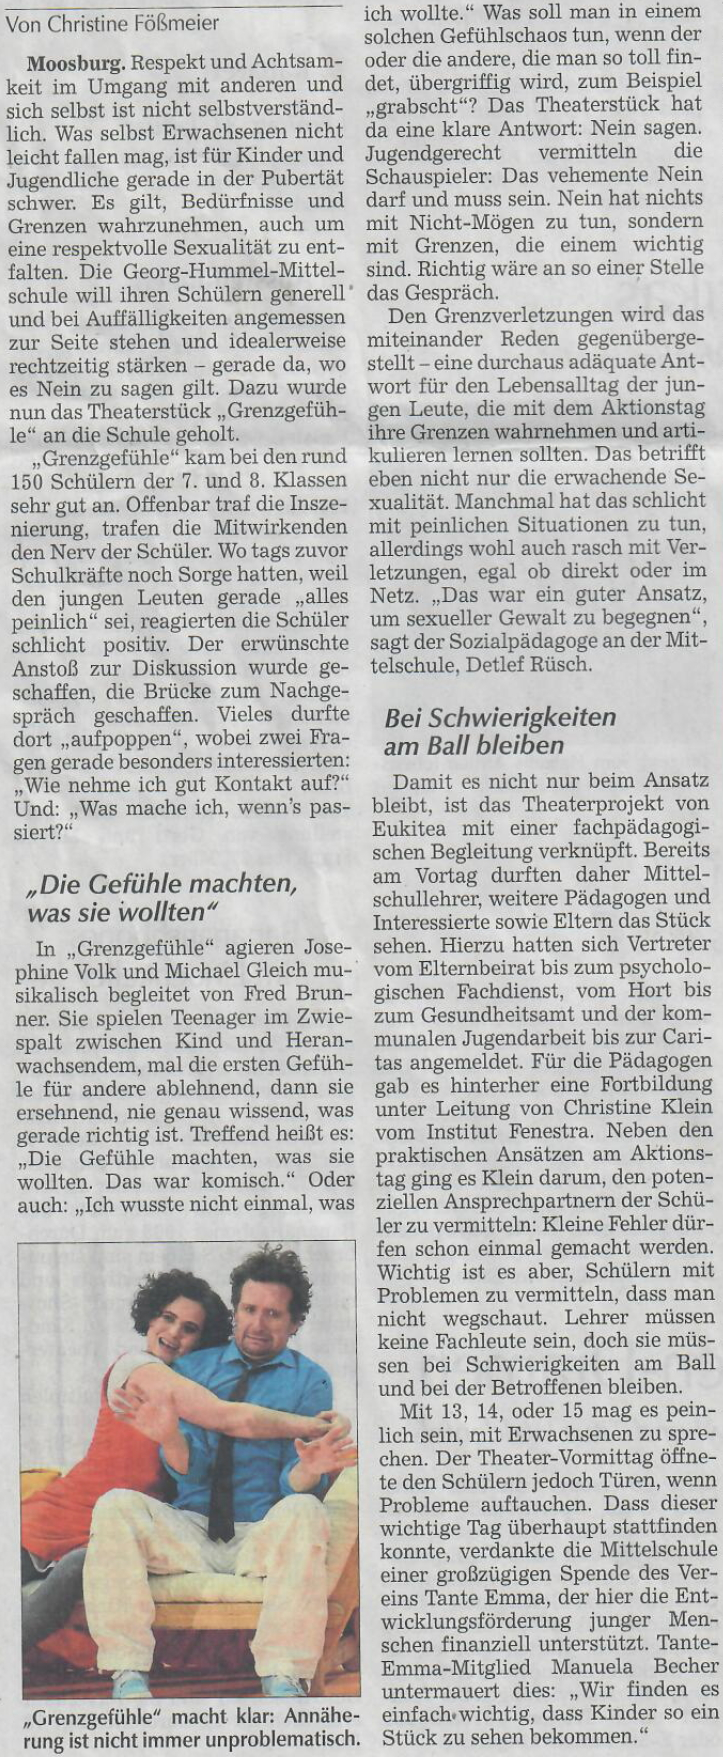 Quelle: Moosburger Zeitung S. 15 am Mittwoch, den 29. Januar 2020